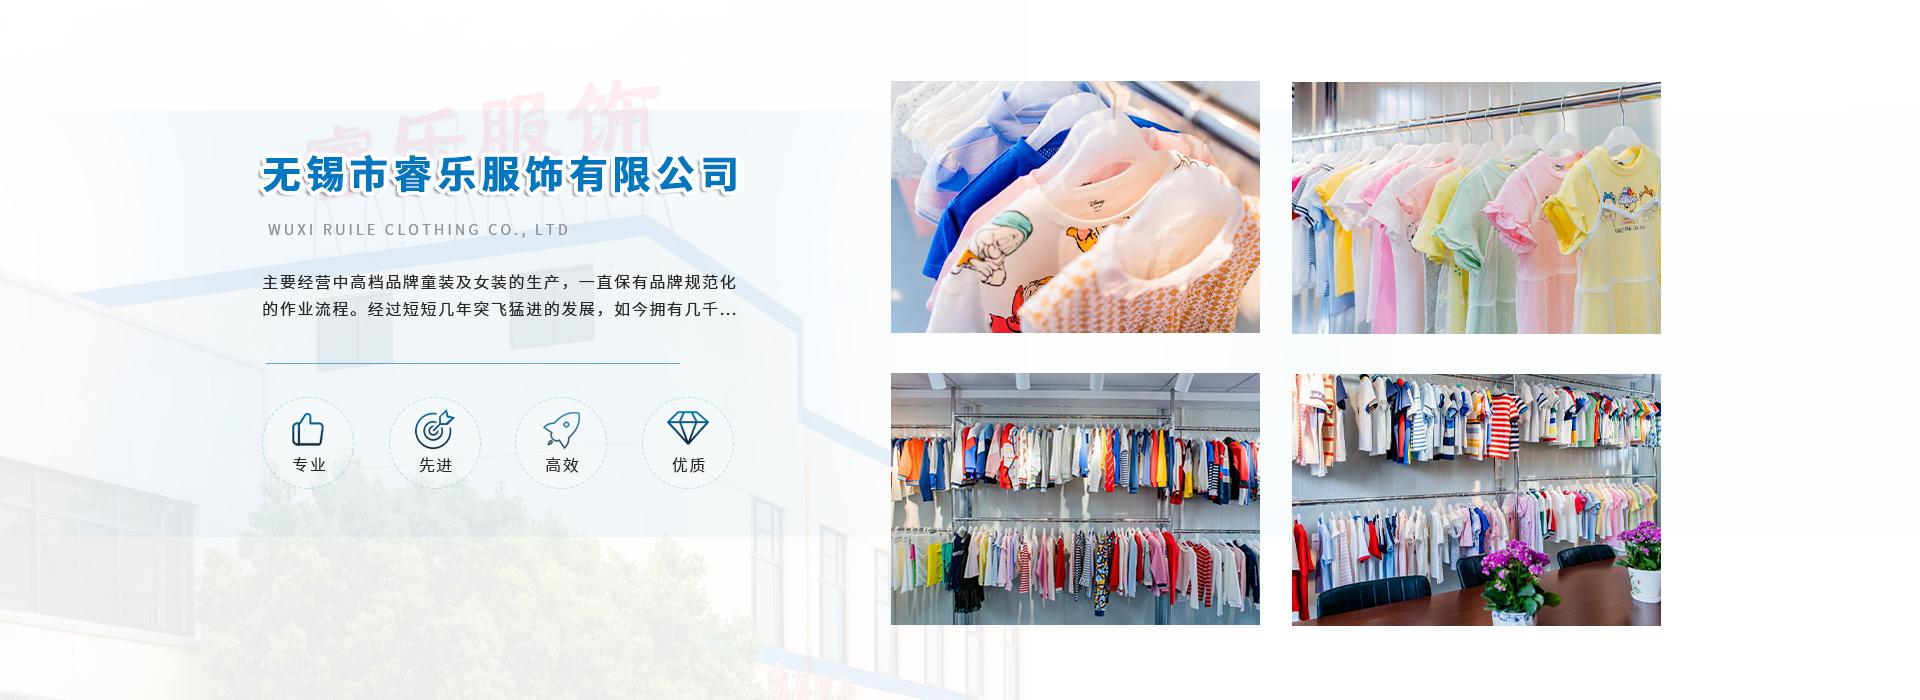 天天中平台-官网